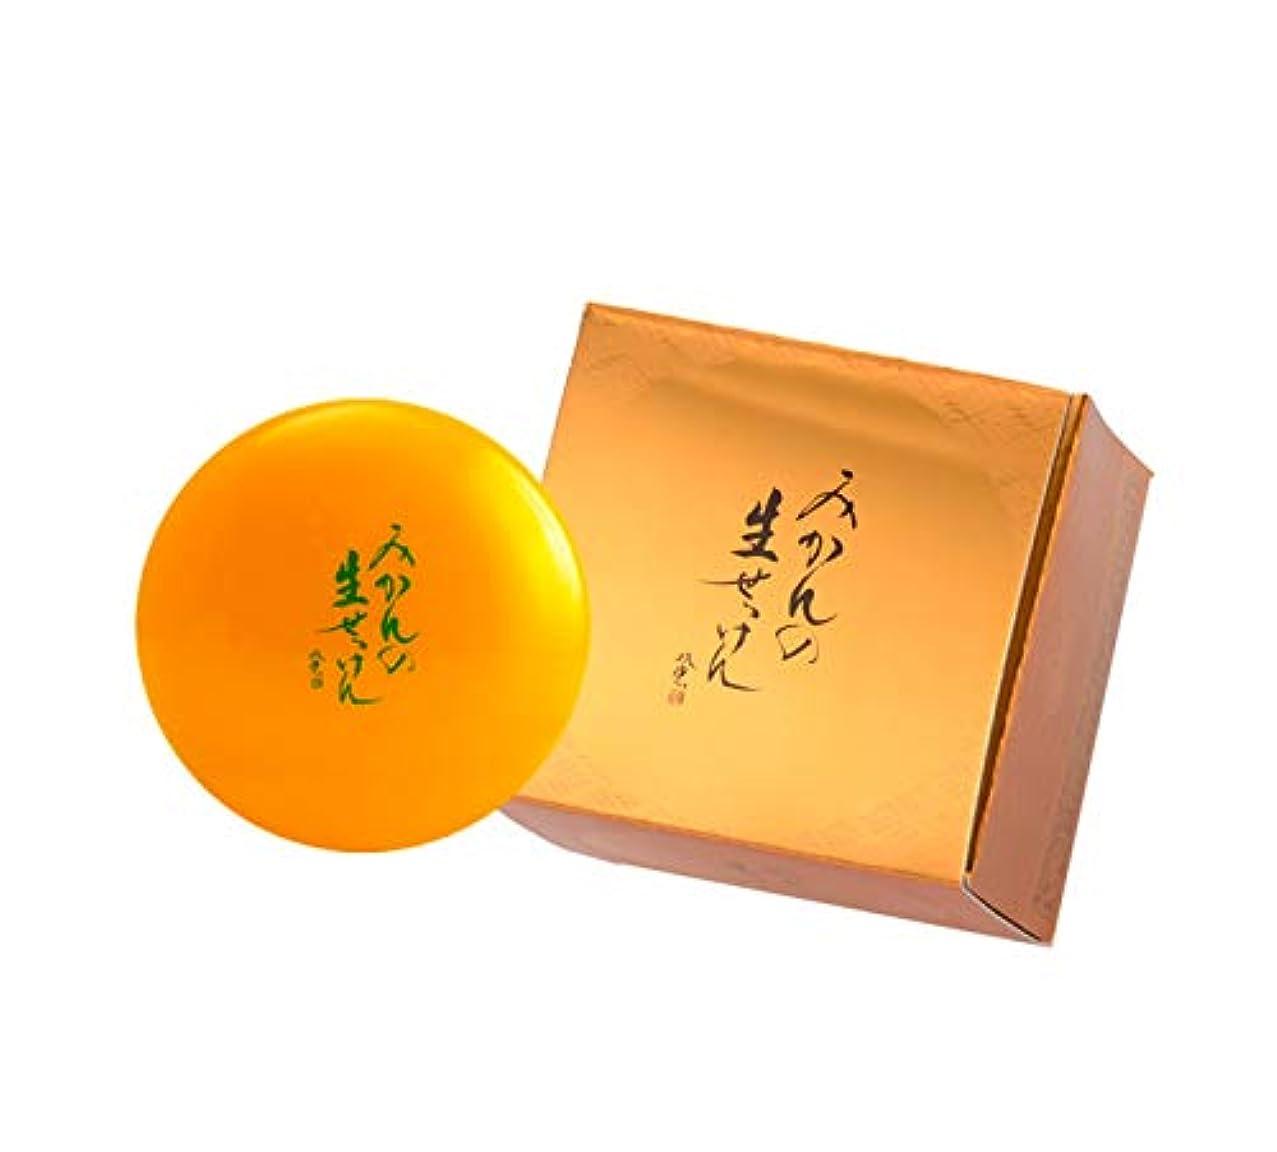 虐殺墓バウンスUYEKI美香柑みかんの生せっけん120g×24個セット